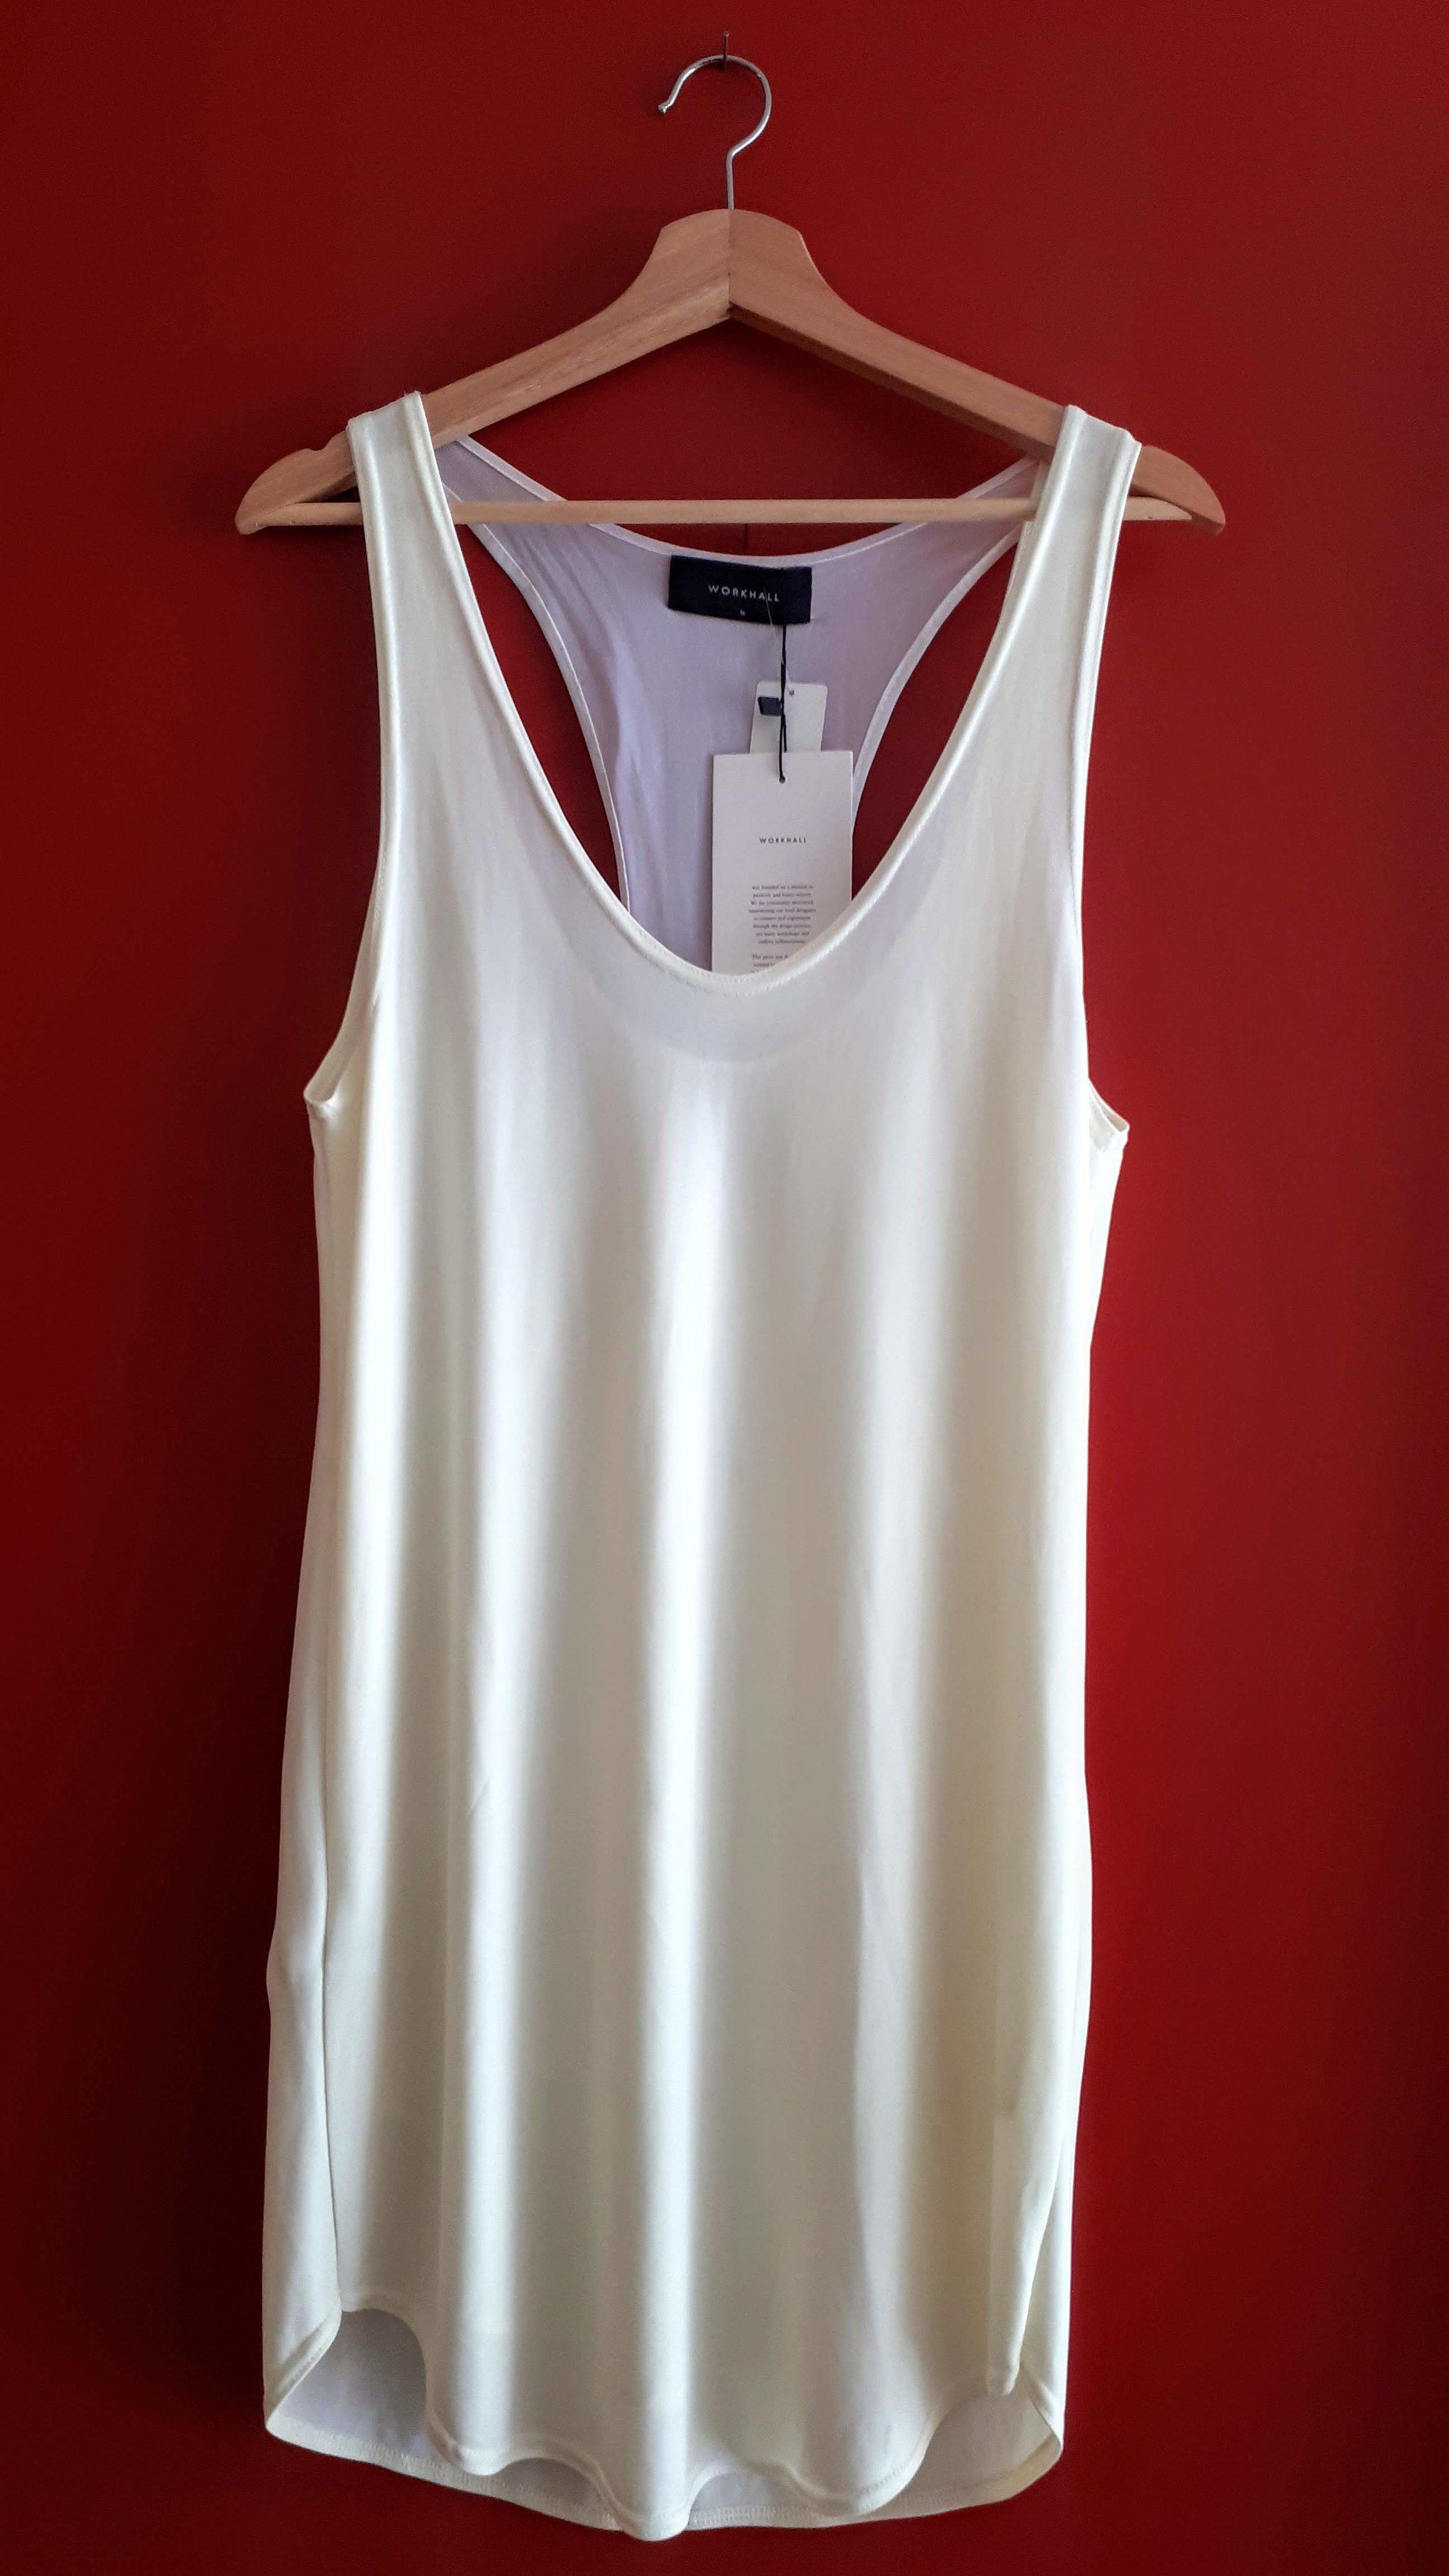 Workhall dress (NWT); Size M, $42